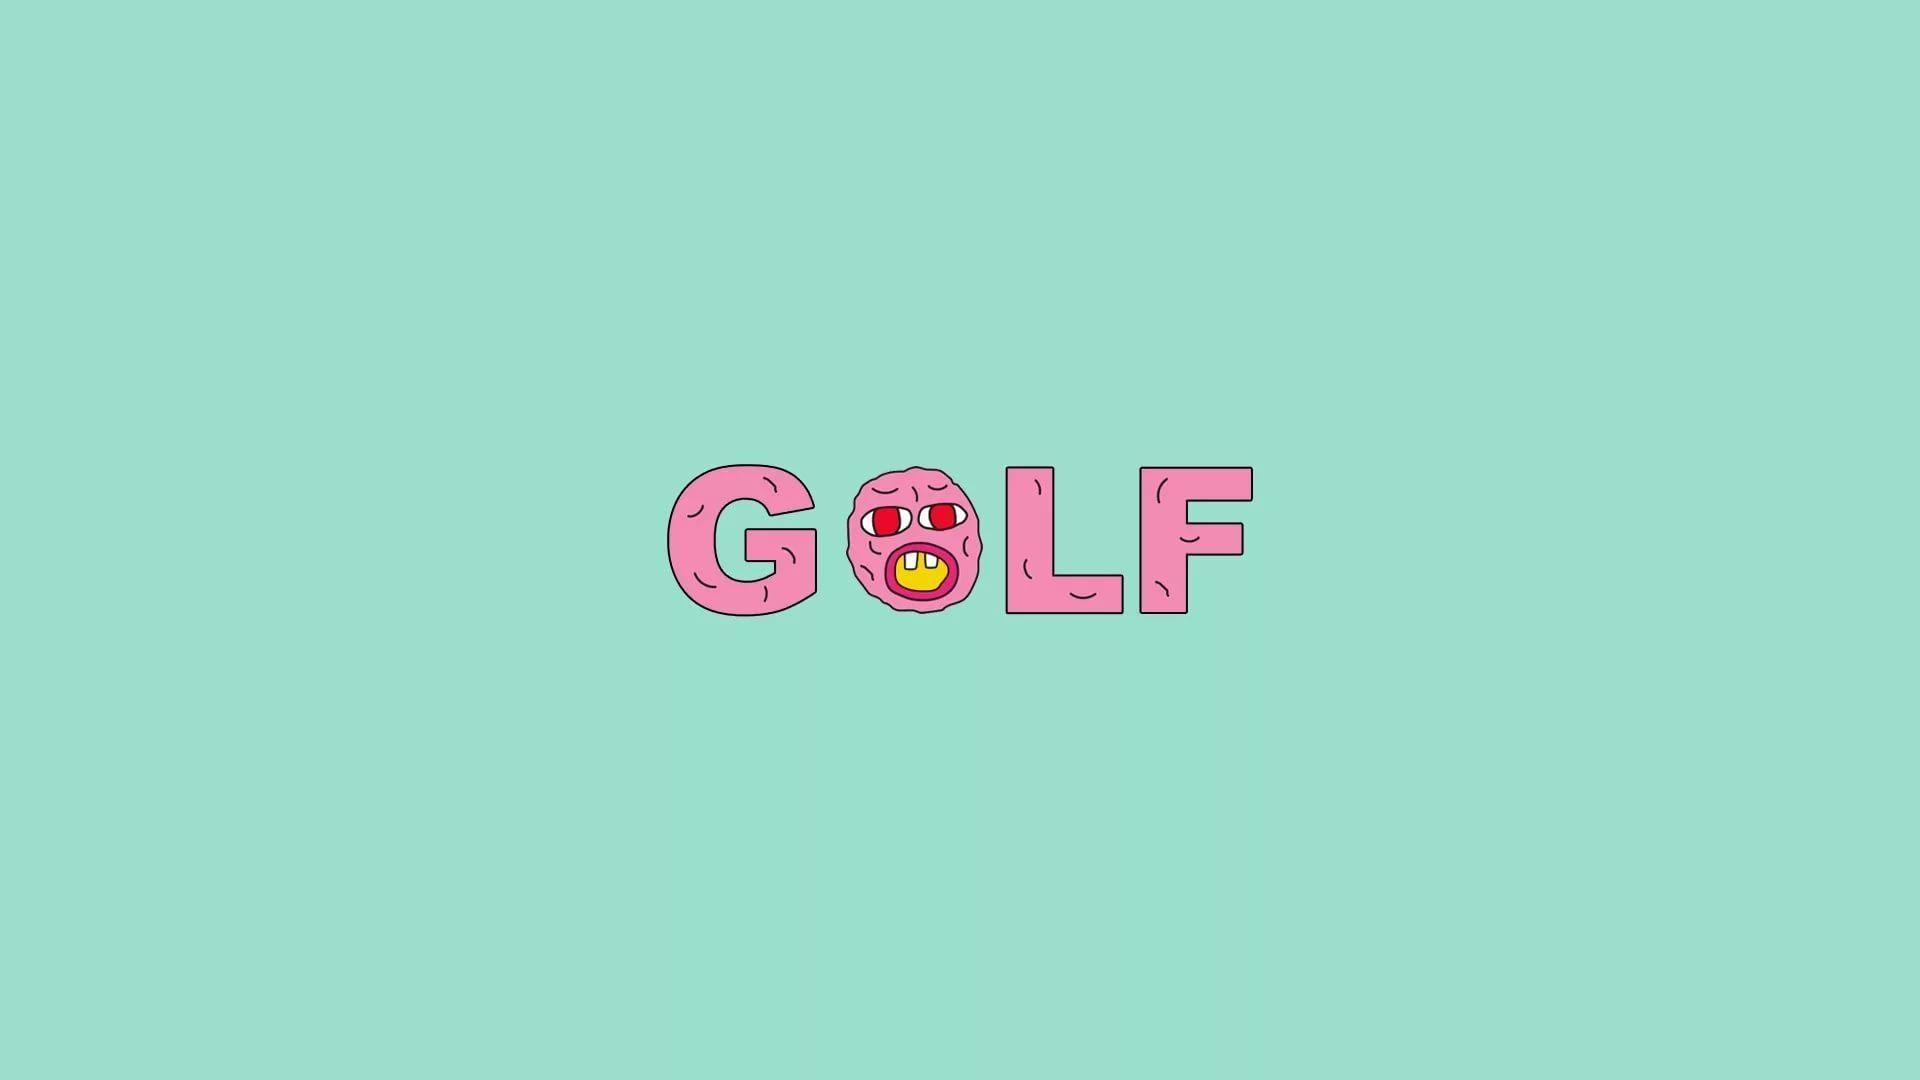 Golf Wang Background Wallpaper HD